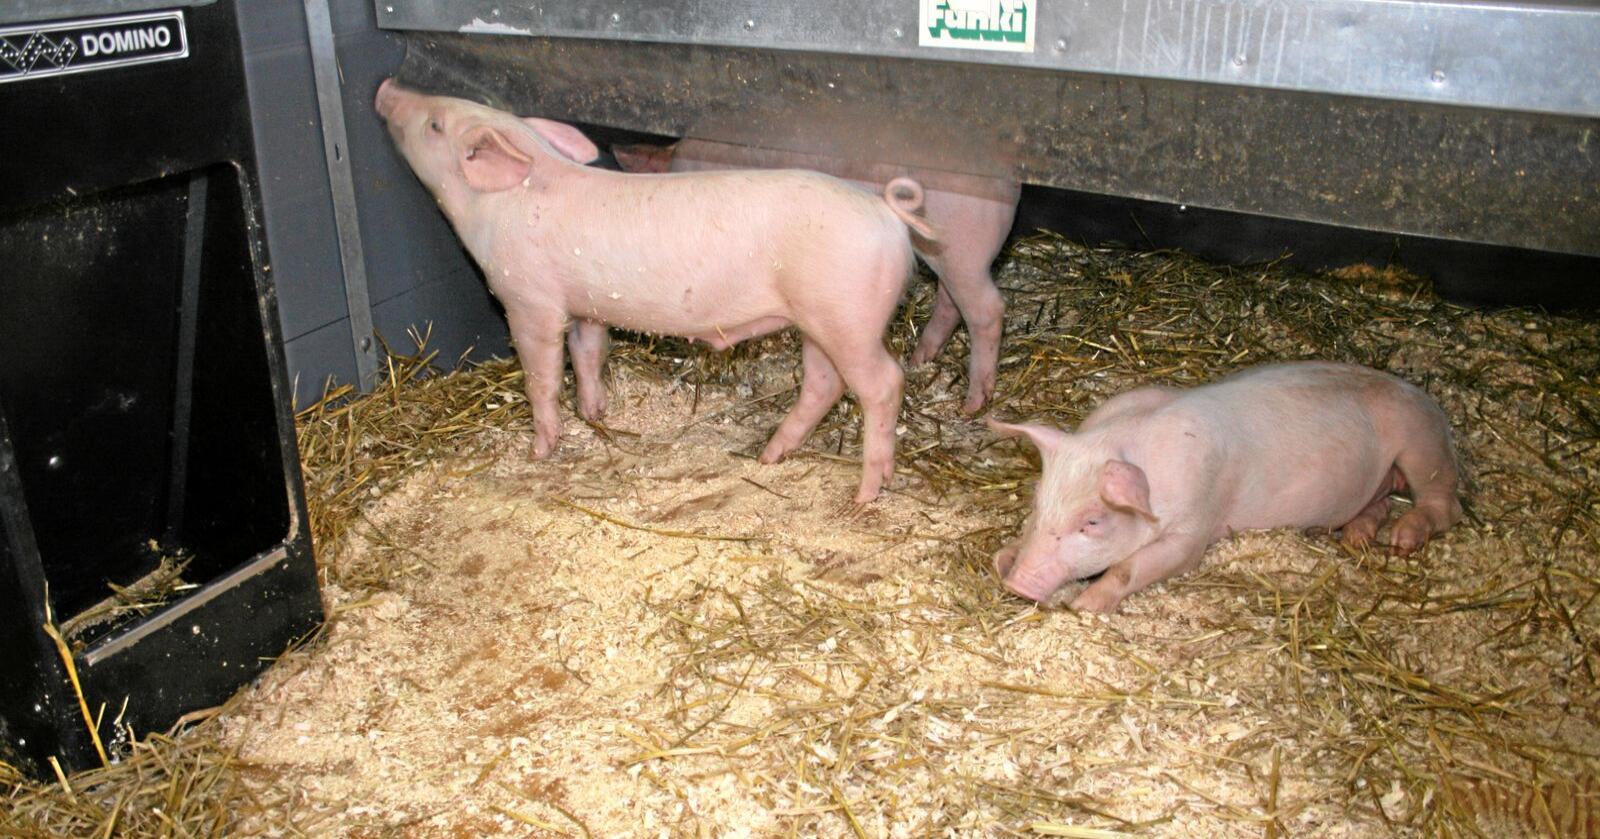 Kostnadsvekst: Prishoppet på kraftfôr gir mange grisebønder ein kostnadsvekst på opp mot 60.000 kroner i året, ifølgje Norsvin, som seier kostnadsauken kjem på toppen av mange år med pressa økonomi for grisebøndene. Foto: Bjarne Bekkeheien Aase